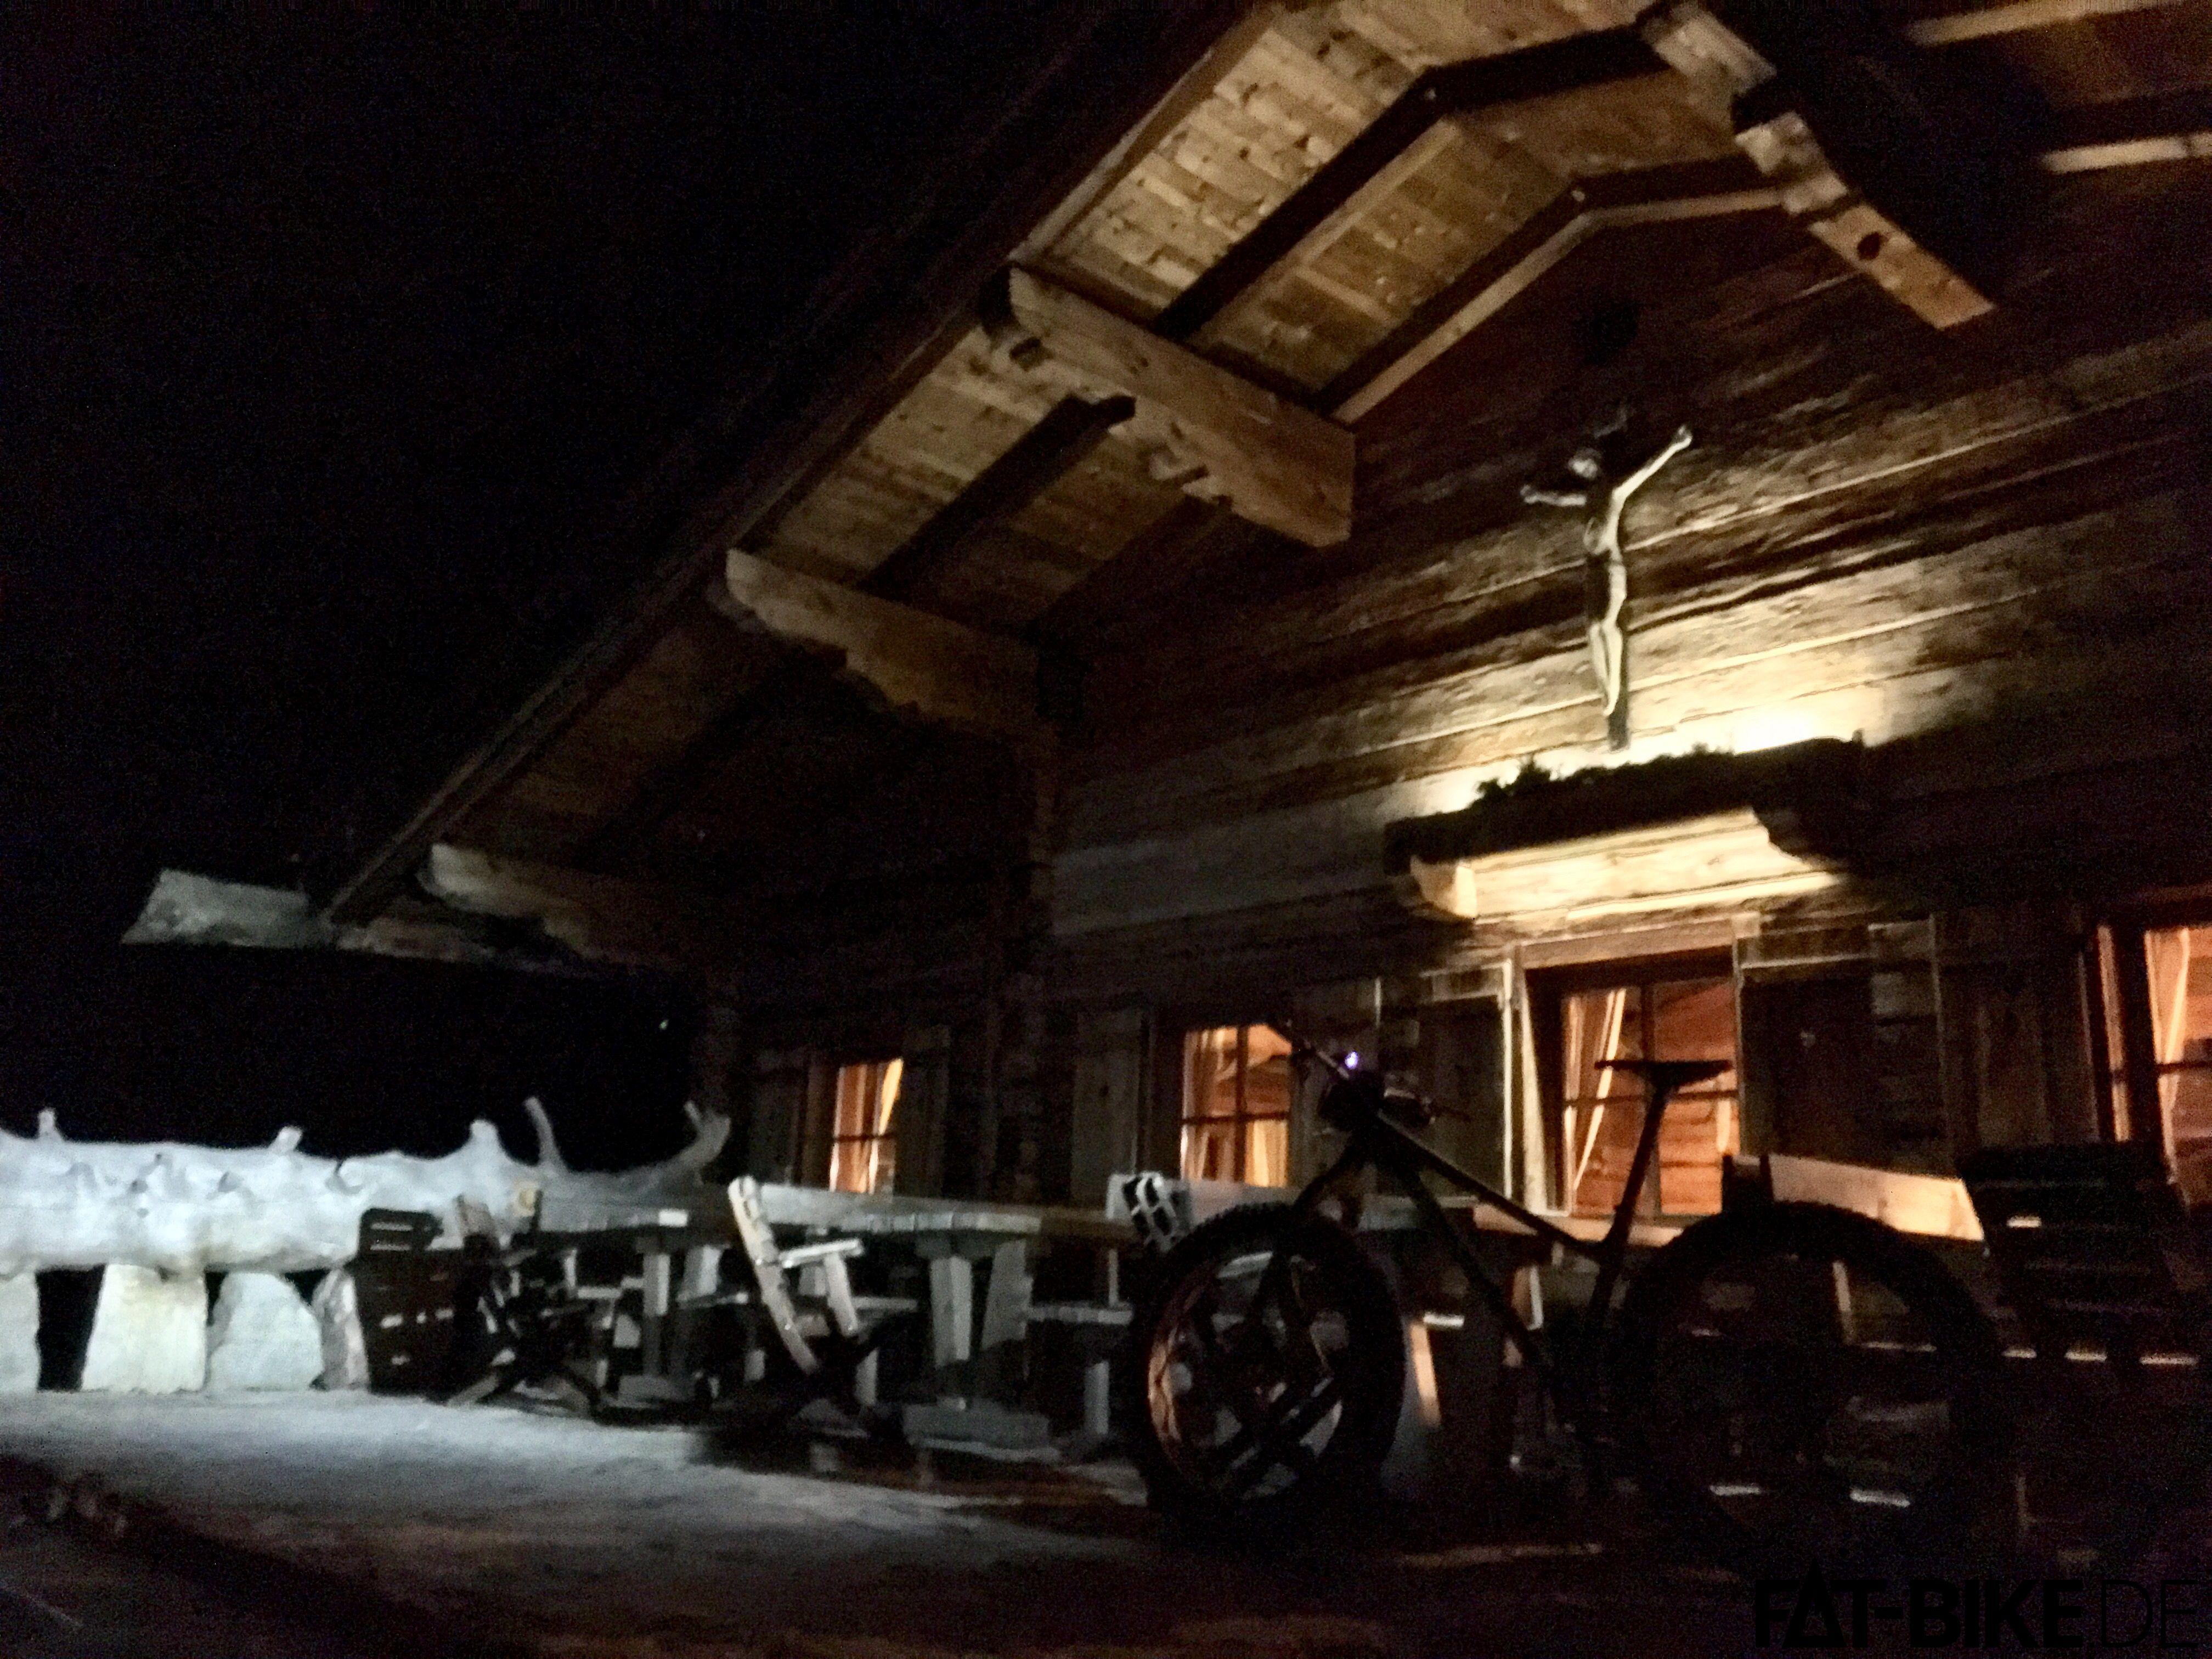 Hüttentour: Kein verschneiter Weg ist dem Snow Shoe XL zu anstrengend